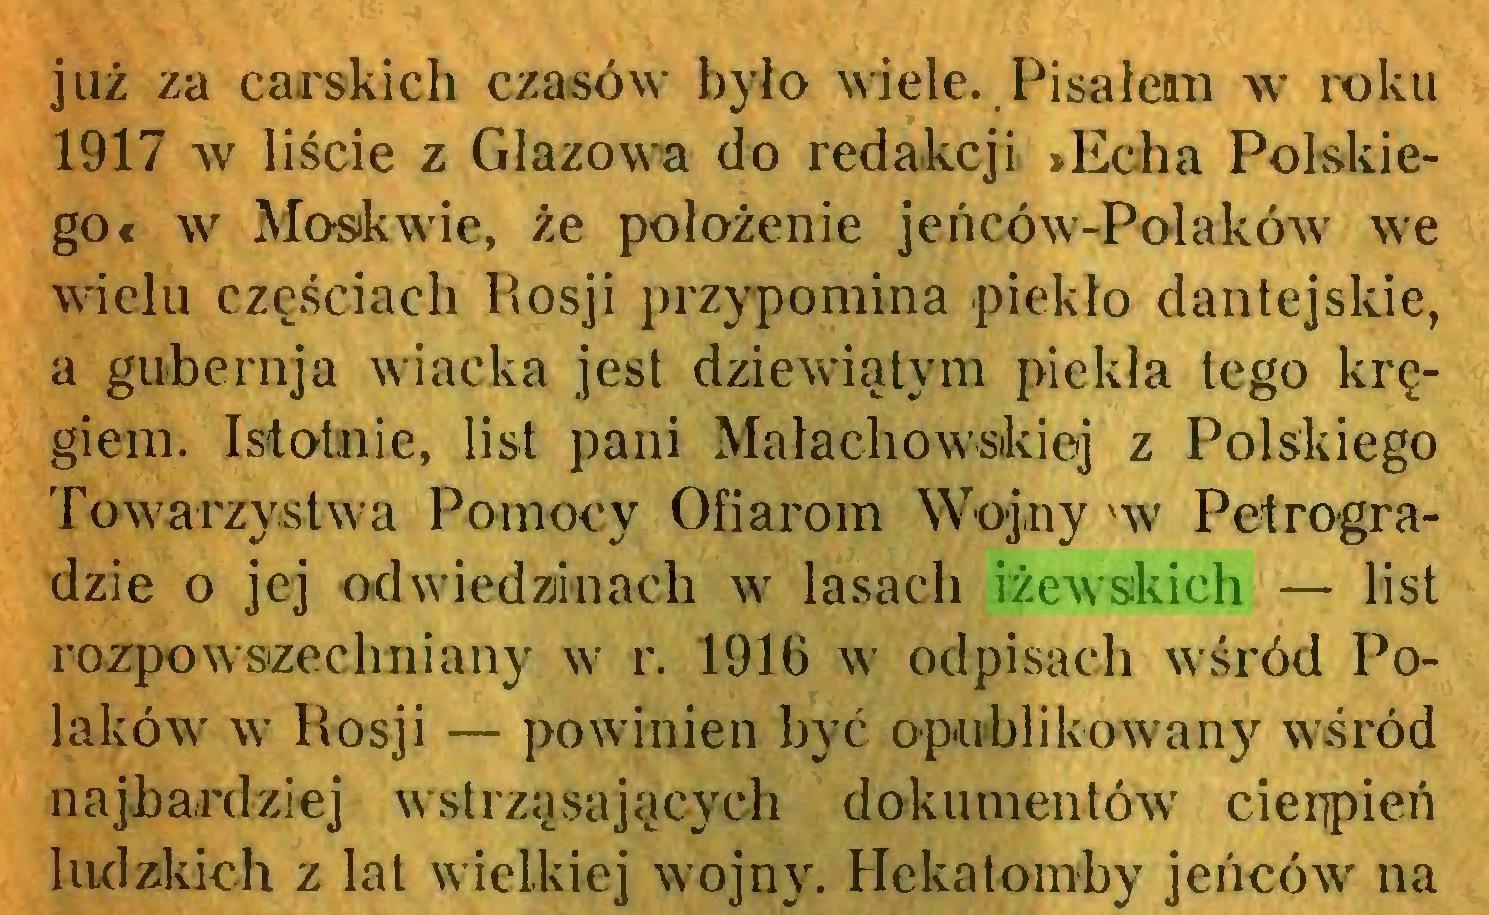 (...) już za carskich czasów było wiele. Pisałean w roku 1917 w liście z Głazowa do redakcji »Echa Polskiego« w Moskwie, że położenie jeńców-Połaków we wielu częściach Rosji przypomina piekło dantejskie, a gubernja wiacka jest dziewiątym piekła tego kręgiem. Istotnie, list pani Małachowskiej z Polskiego Towarzystwa Pomocy Ofiarom Wojny 'w Petrogradzie o jej odwiedzinach w lasach iżewskich — list rozpowszechniany w r. 1916 w odpisach wśród Polaków w Rosji — powinien być opublikowany wśród najbardziej wstrząsających dokumentów cierpień ludzkich z lal wielkiej wojny. Hekatomby jeńców na...